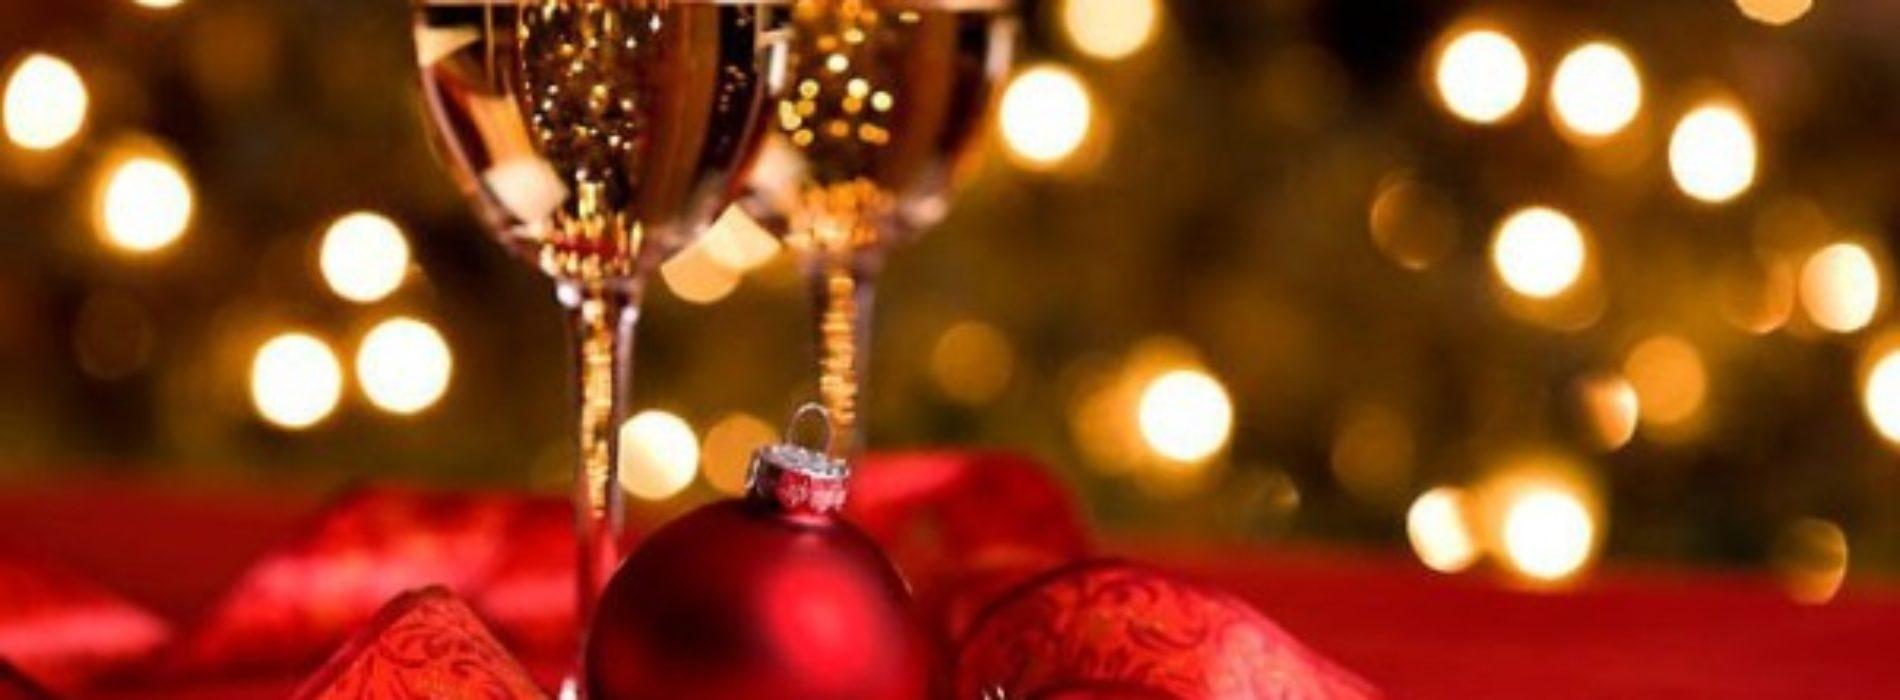 Cerco Menu Di Natale.Vigilia E Pranzo Di Natale 2018 A Roma I Migliori